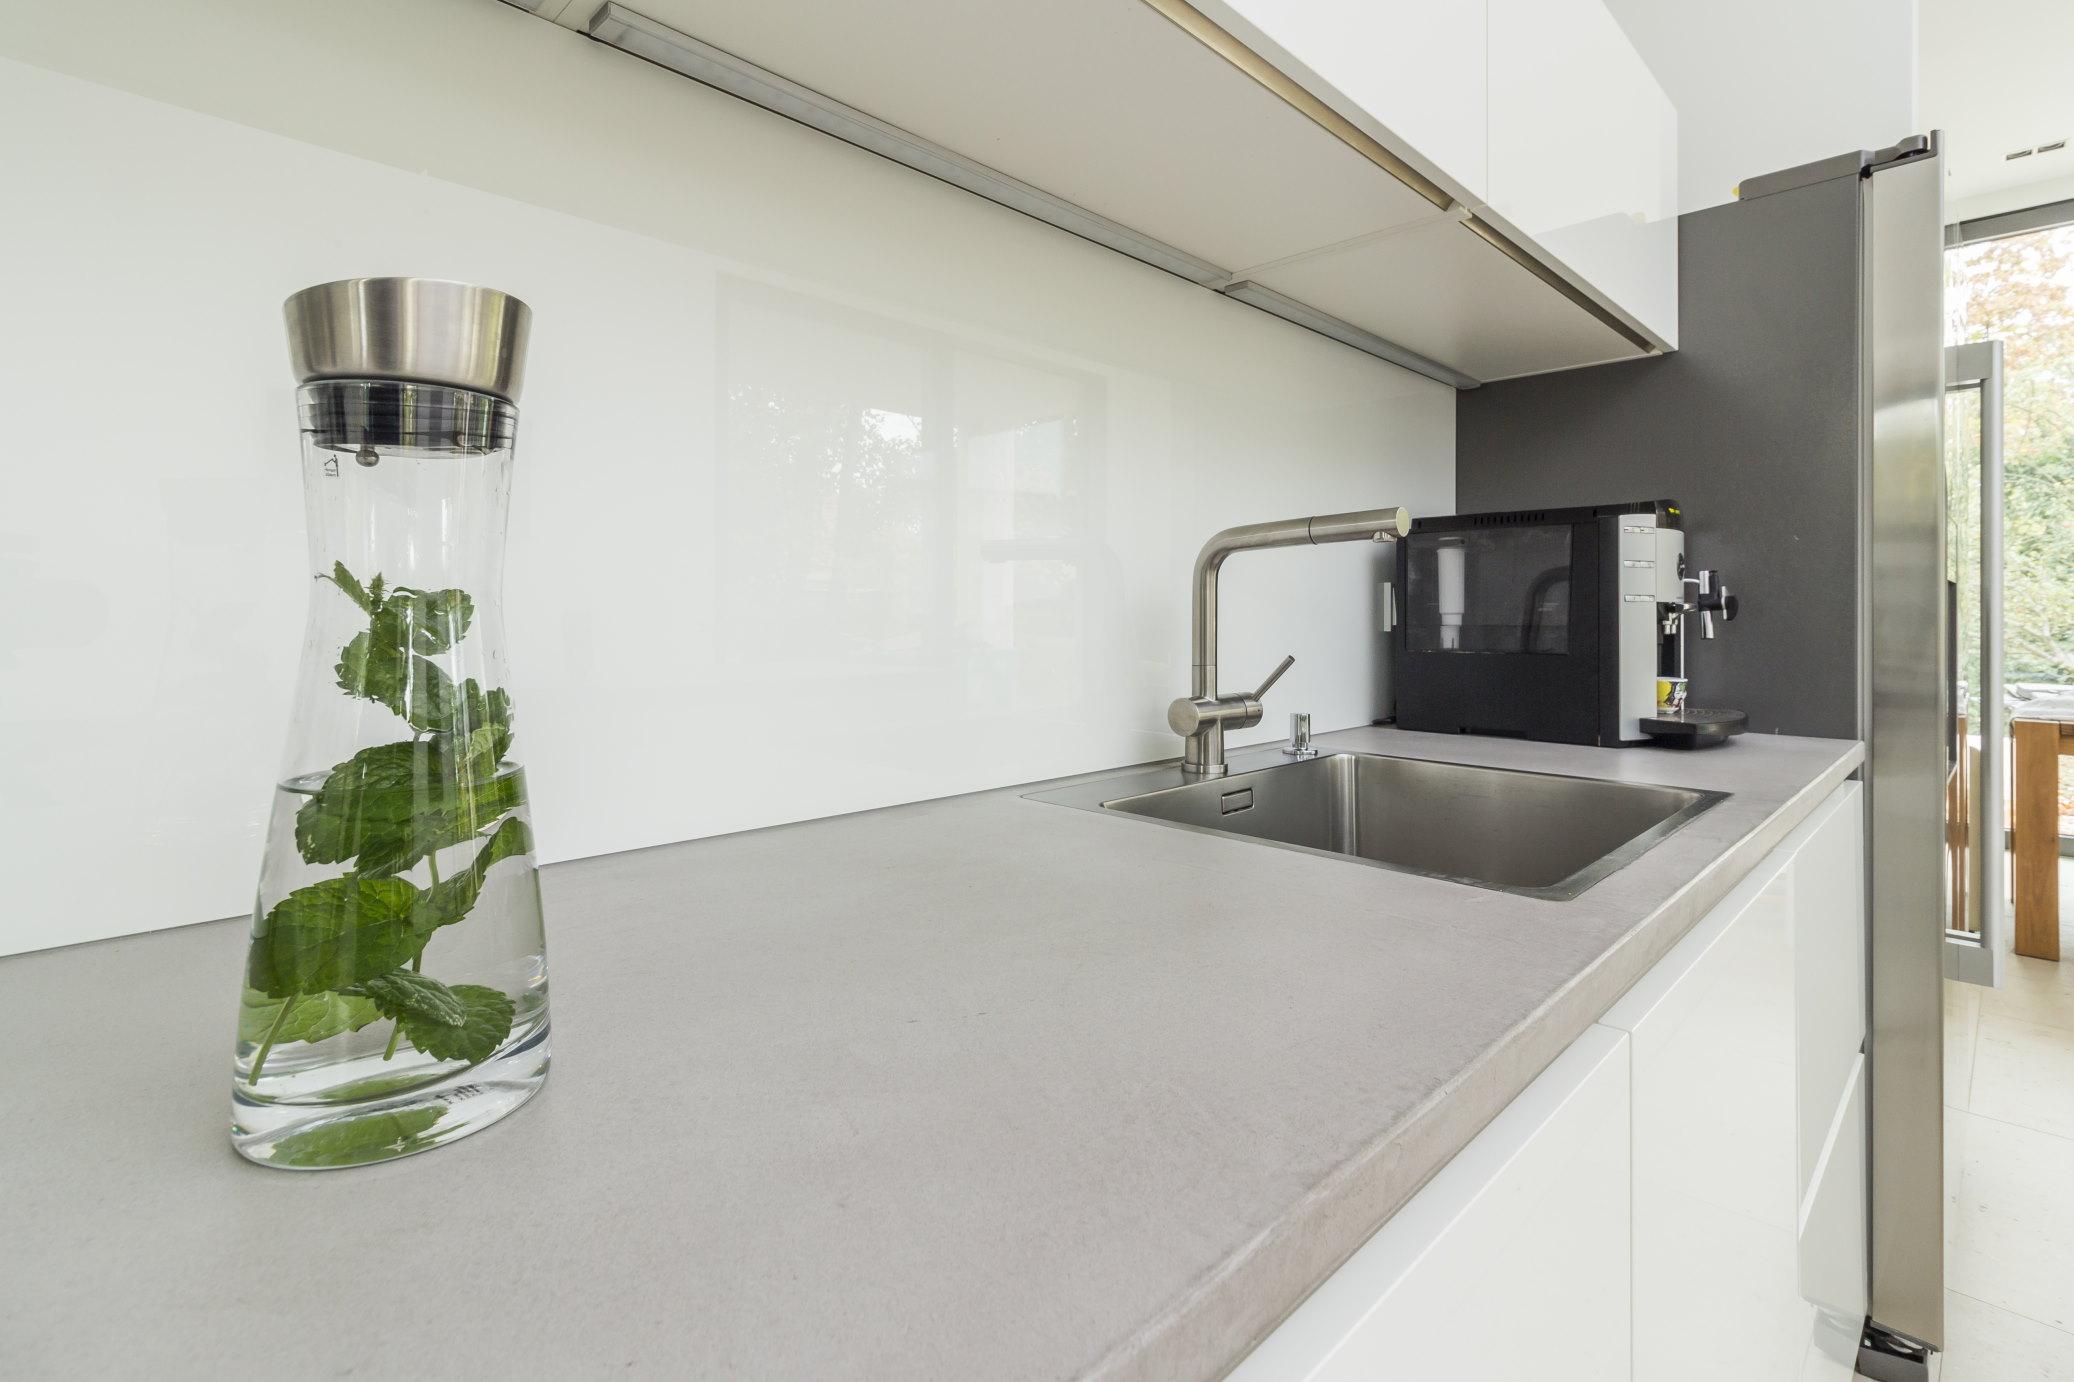 Betonküchen & Arbeitsplatten - mainTisch